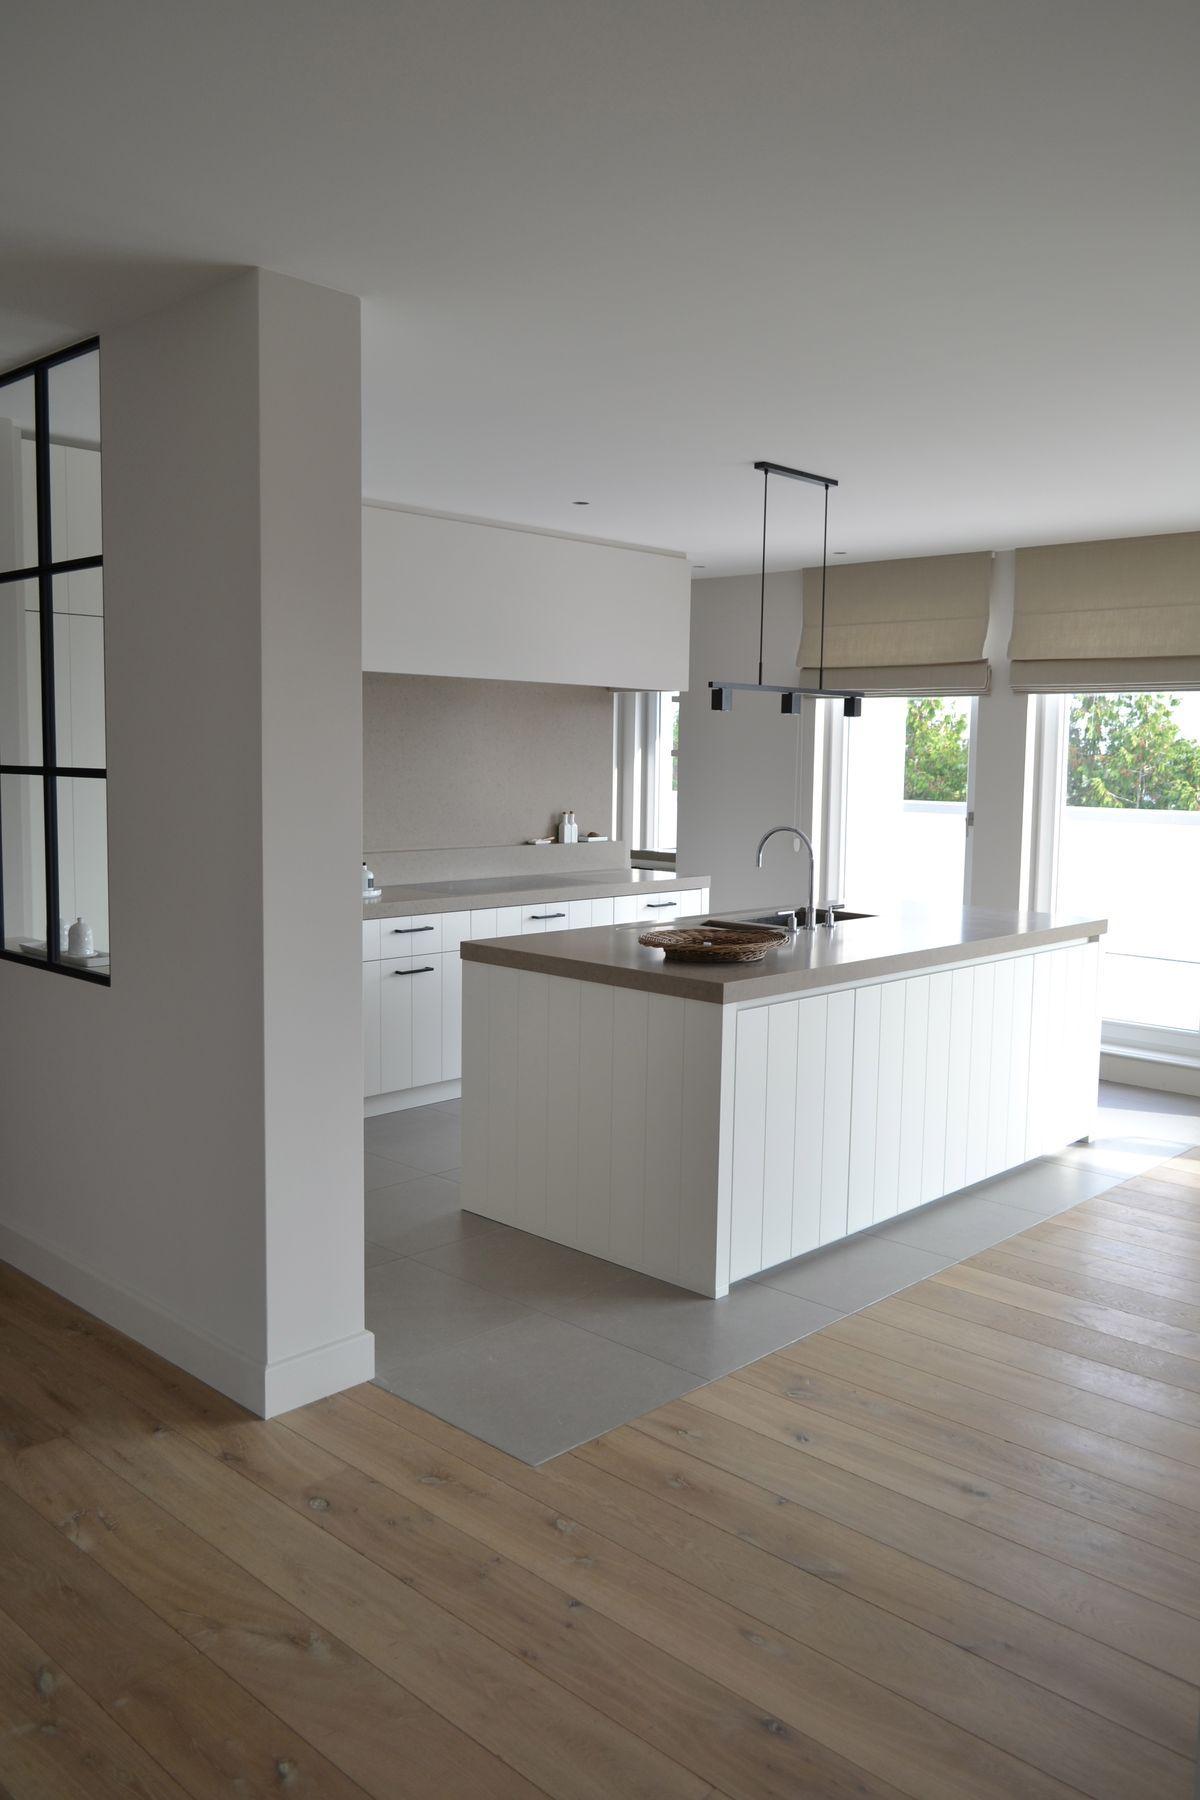 Badezimmer aus küchenideen offene küche  küche  pinterest  offene küche küche und wohnen